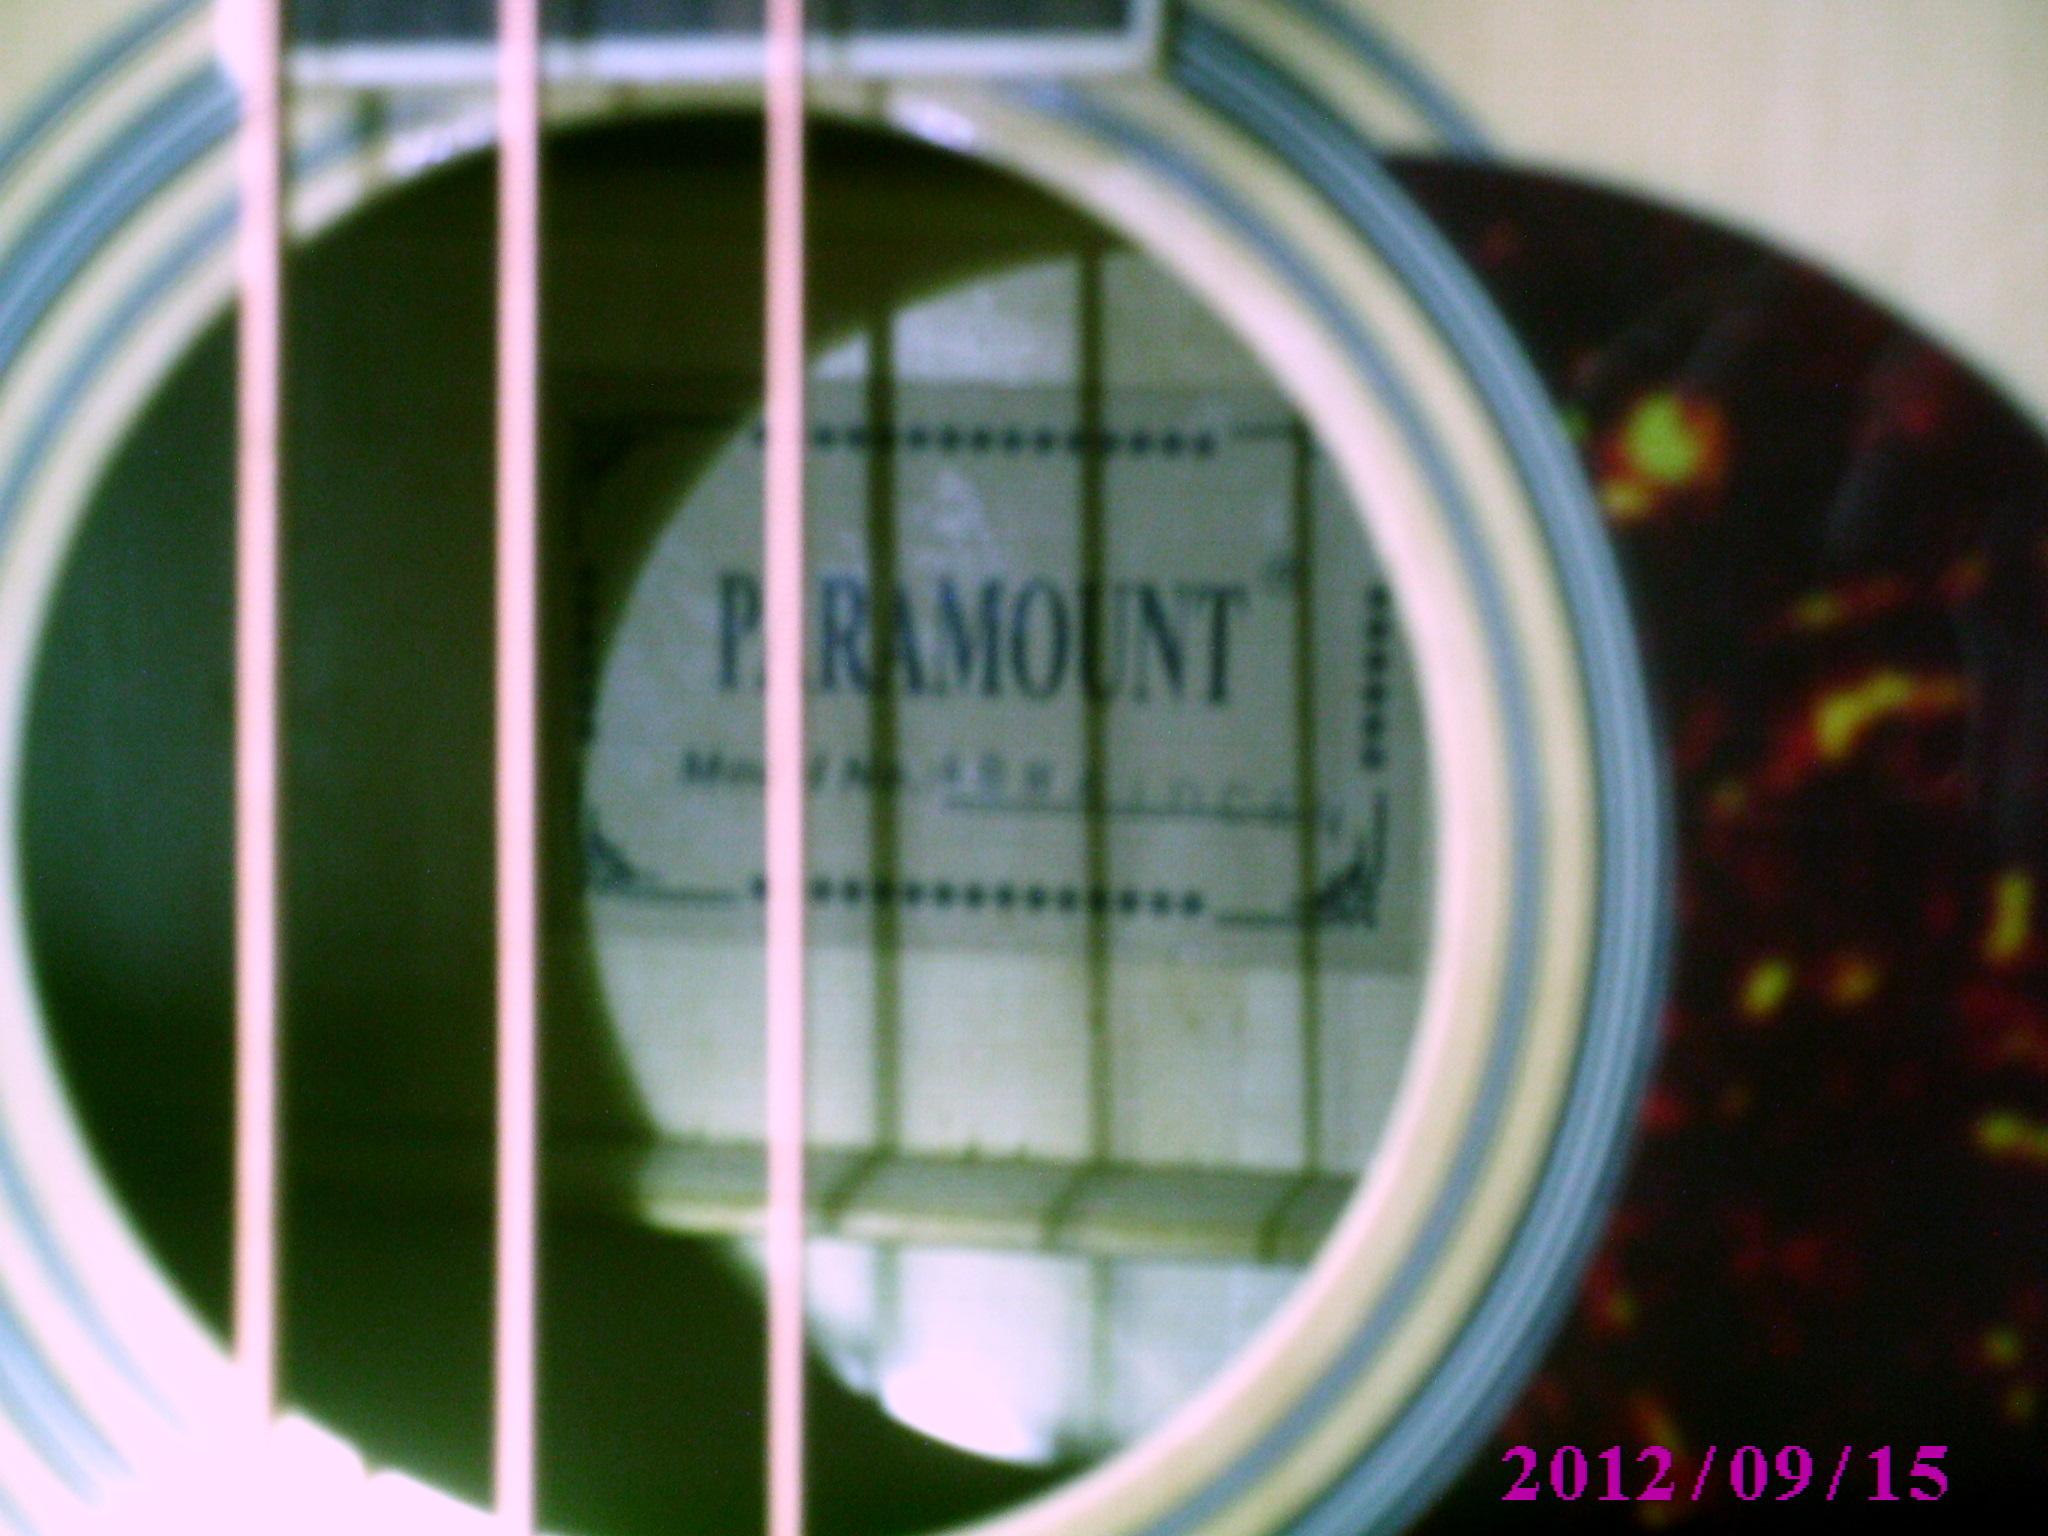 我的相册 音乐丨合奏丨翻唱丨画作丨曲谱丨acg丨技术宅丨现音研